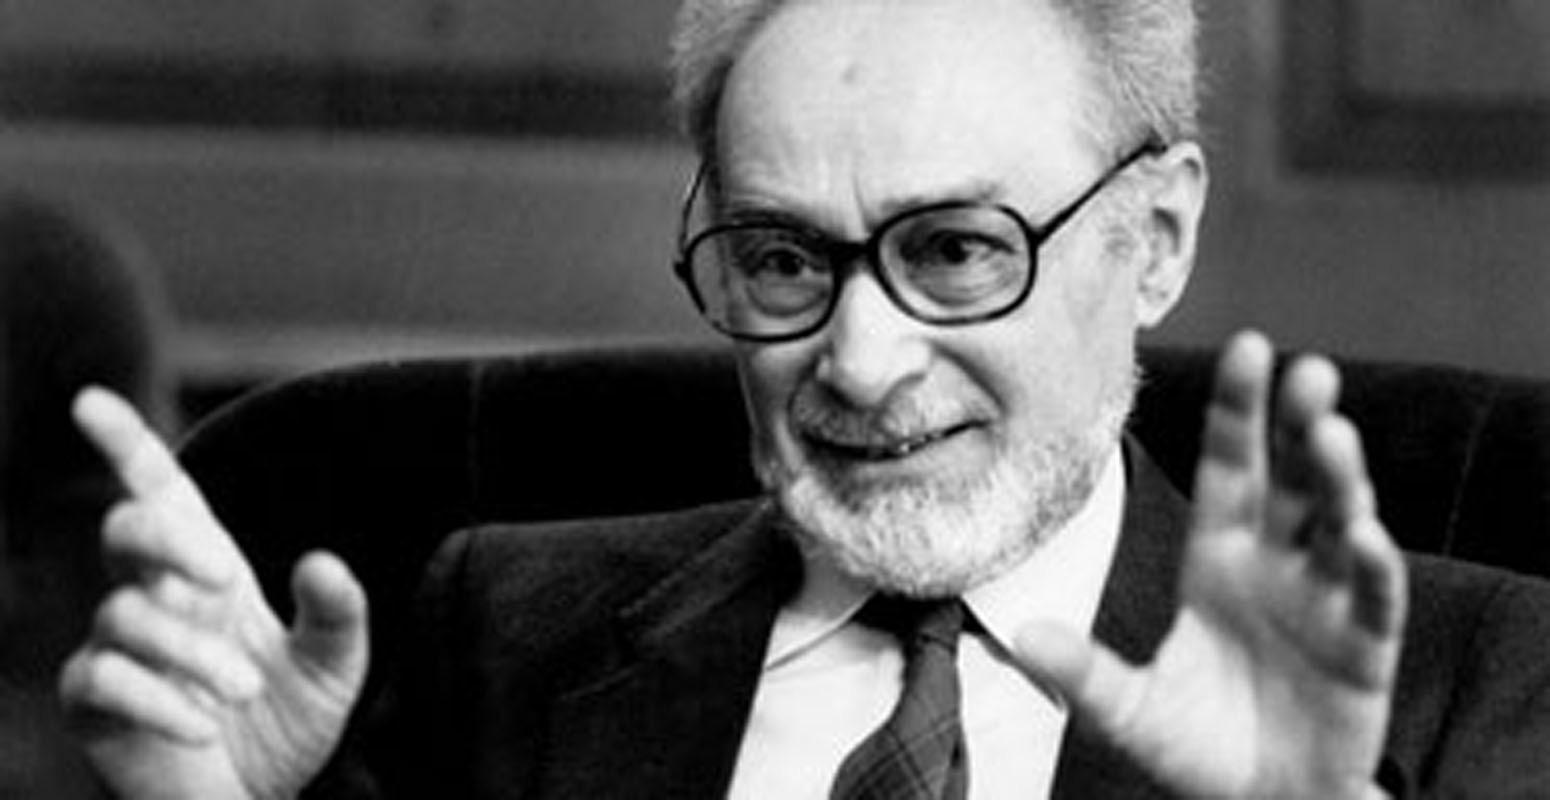 PRIMO LEVI RITORNO AD AUSCWHITZ – II parte (1983)